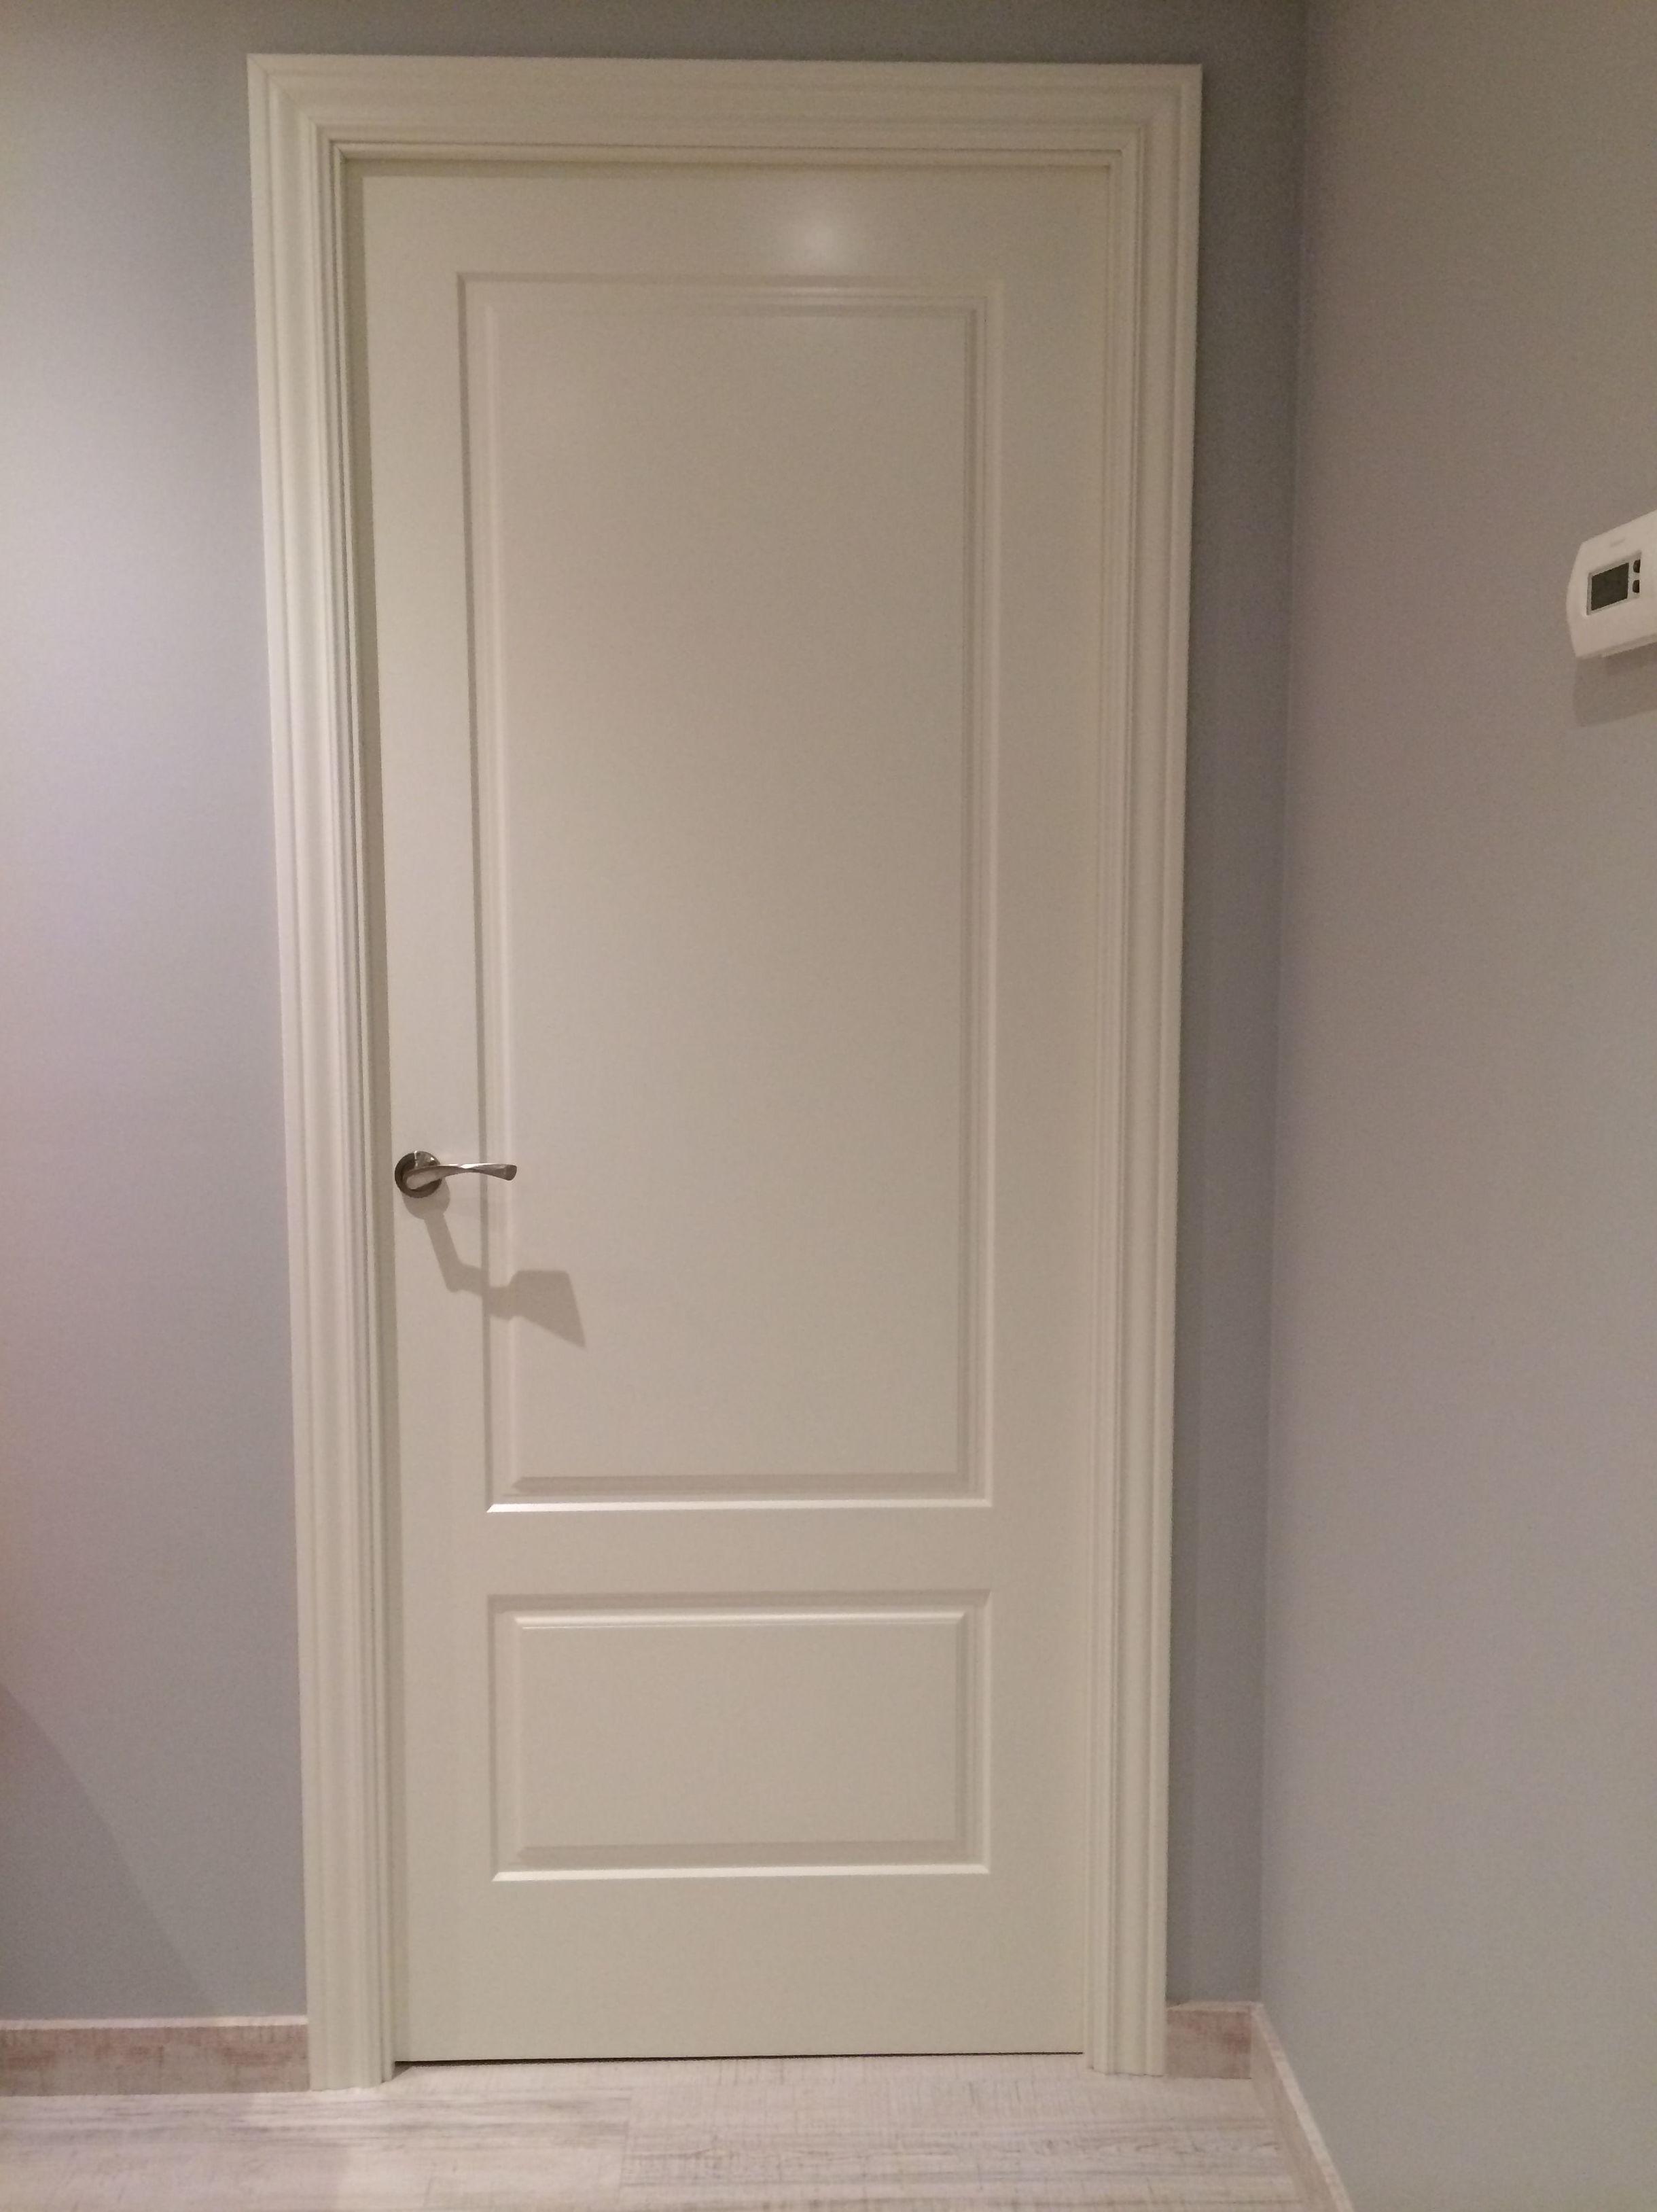 Reforma integral de calidad vivienda \u002D Colocación de puertas (C/Felip II)